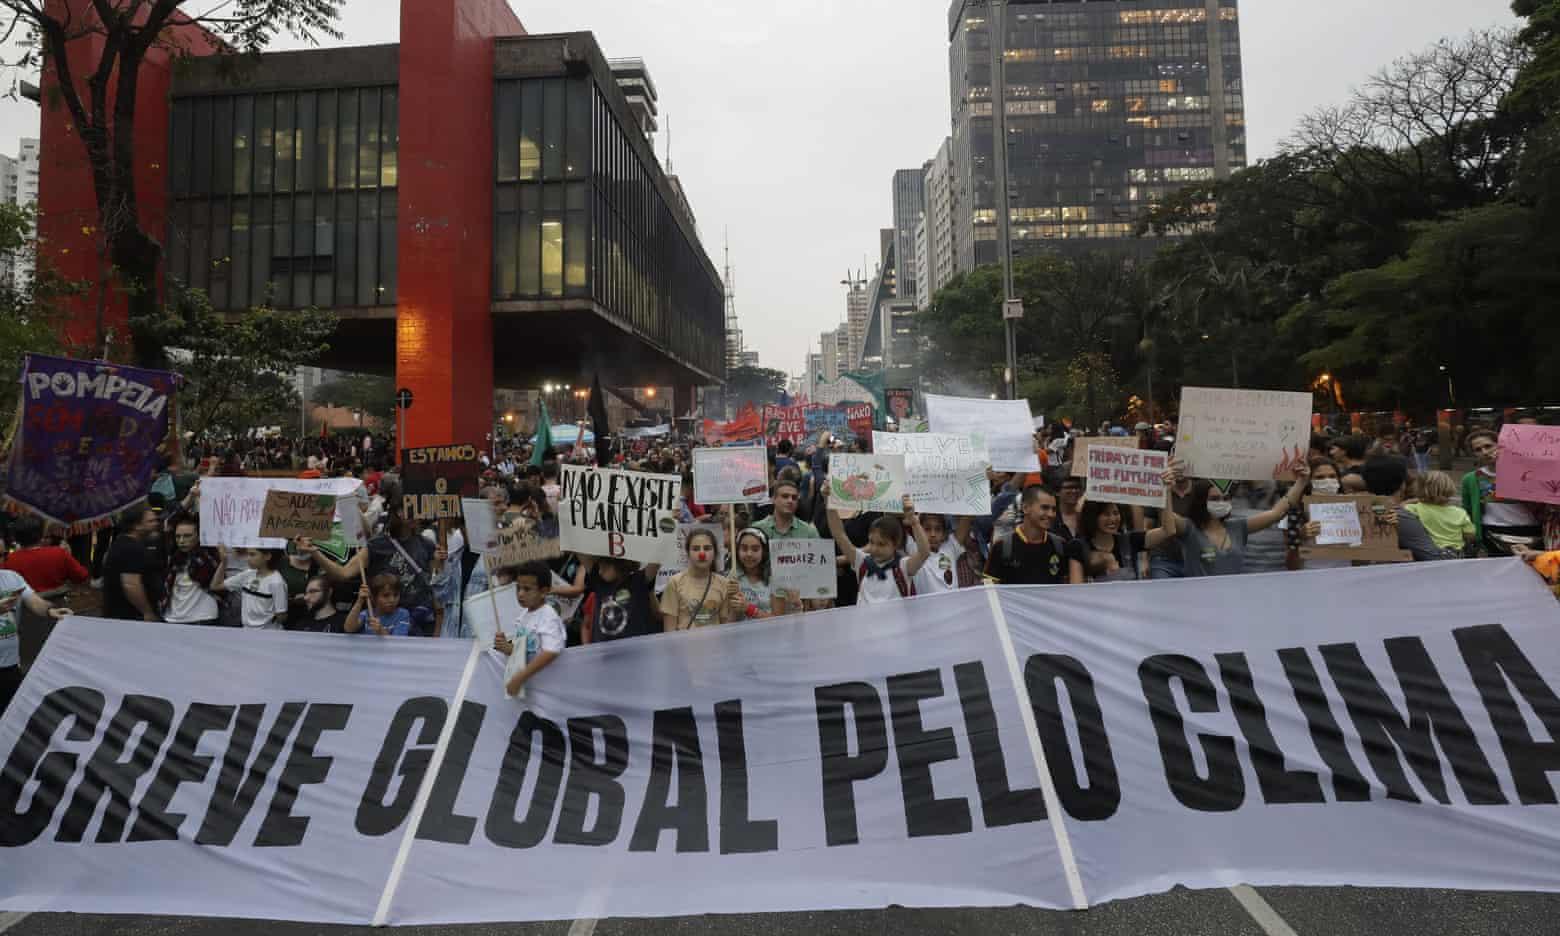 Global climate strike, São Paulo, Brazil, September 20, 2019.